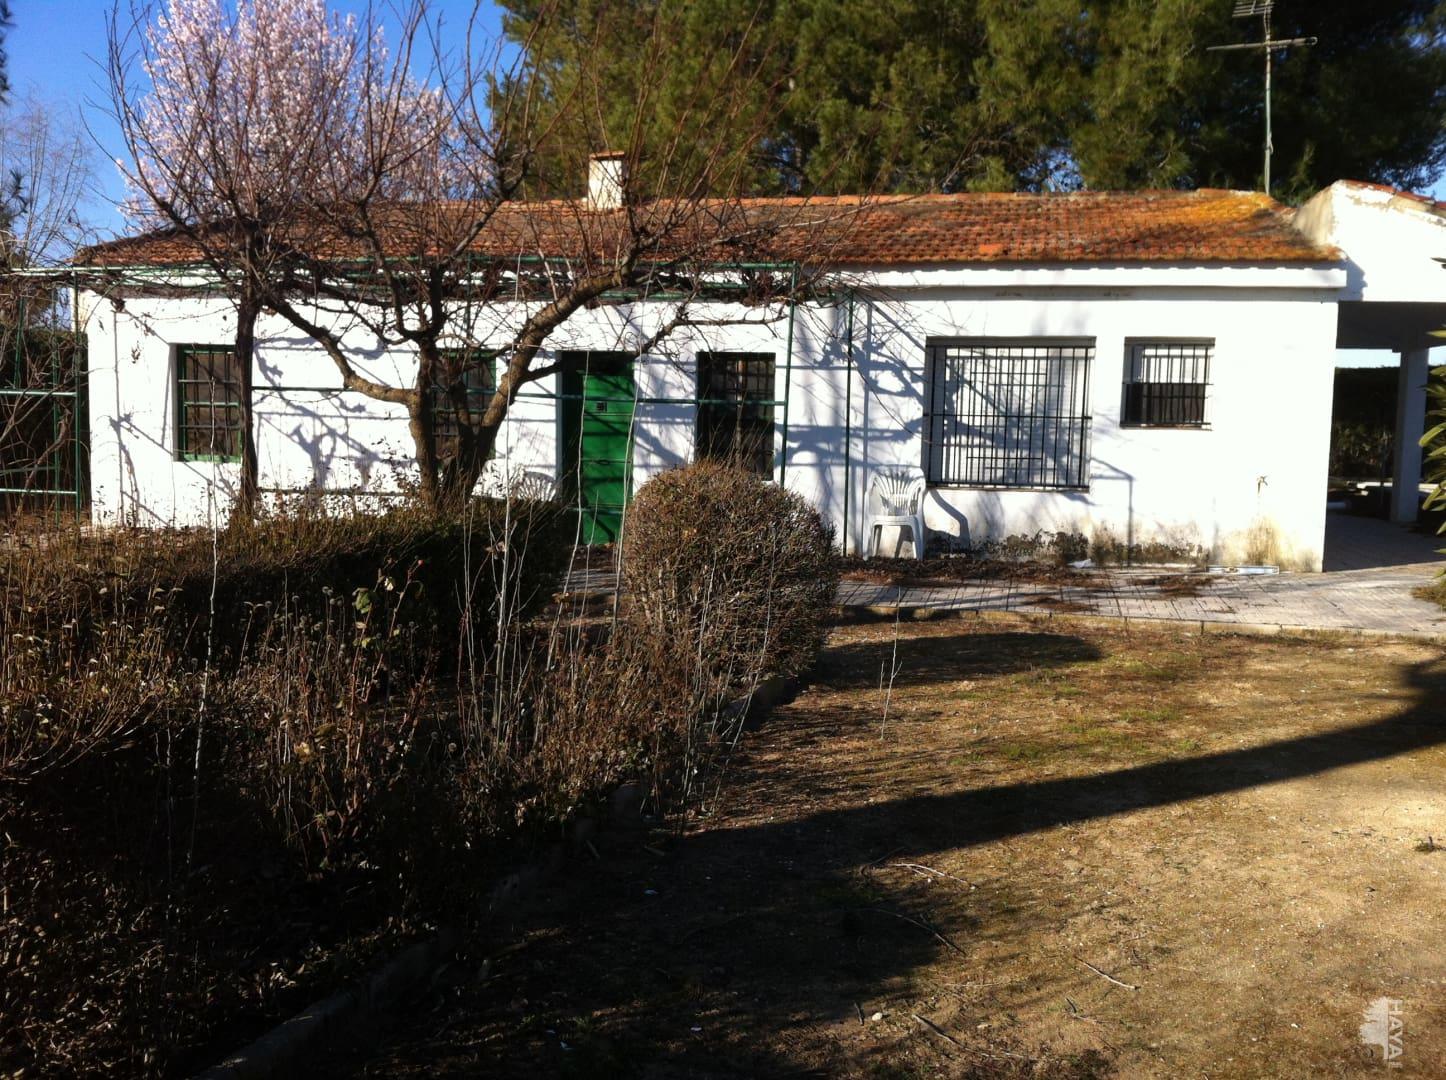 Casa en venta en Albacete, Albacete, Calle Azalea, 329.200 €, 3 habitaciones, 1 baño, 179 m2